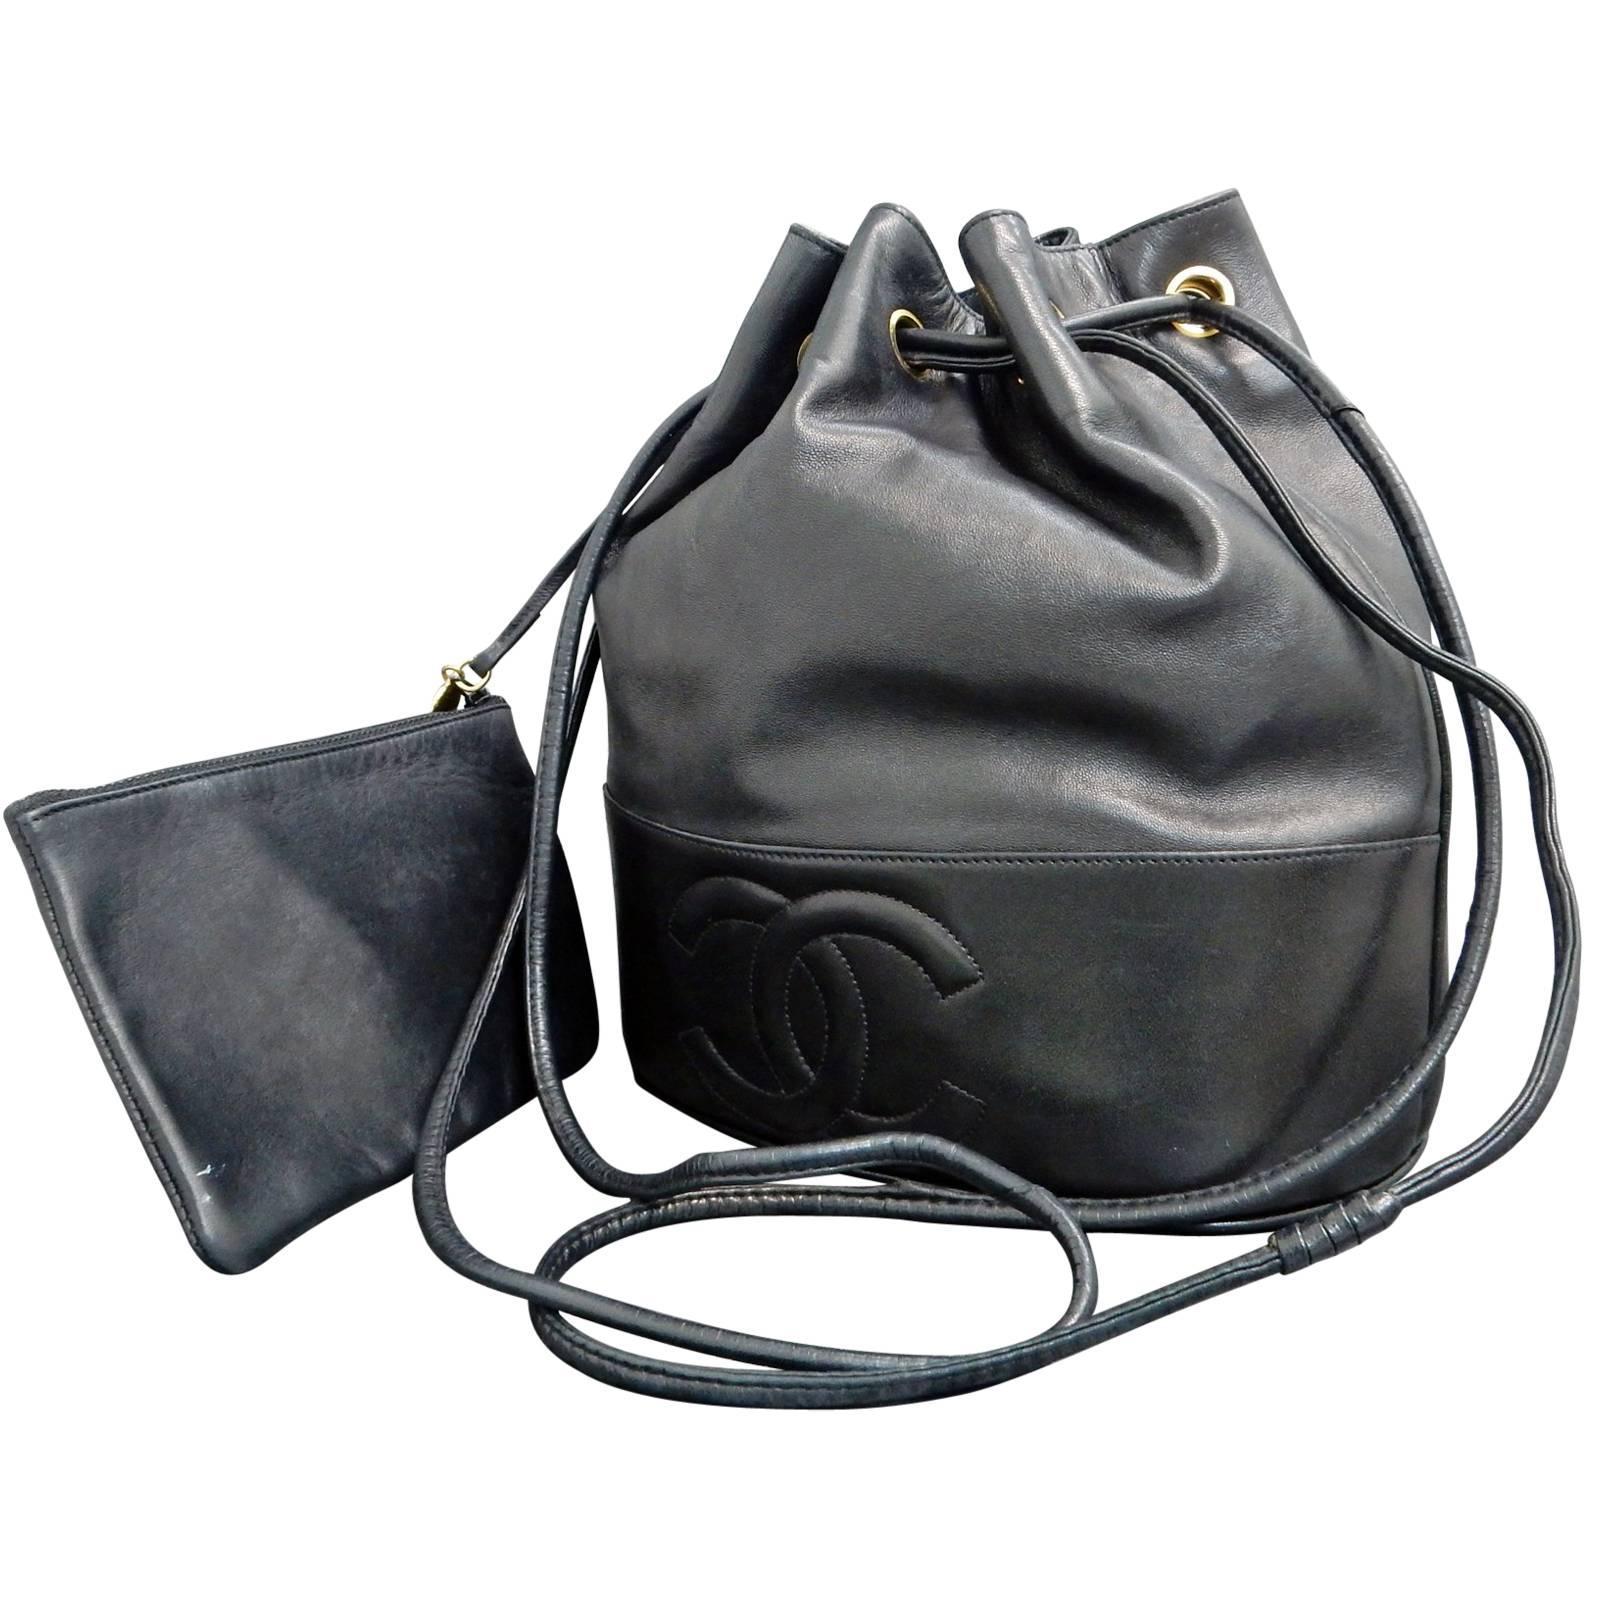 619430e9fa144c Chanel Black Lambskin Leather